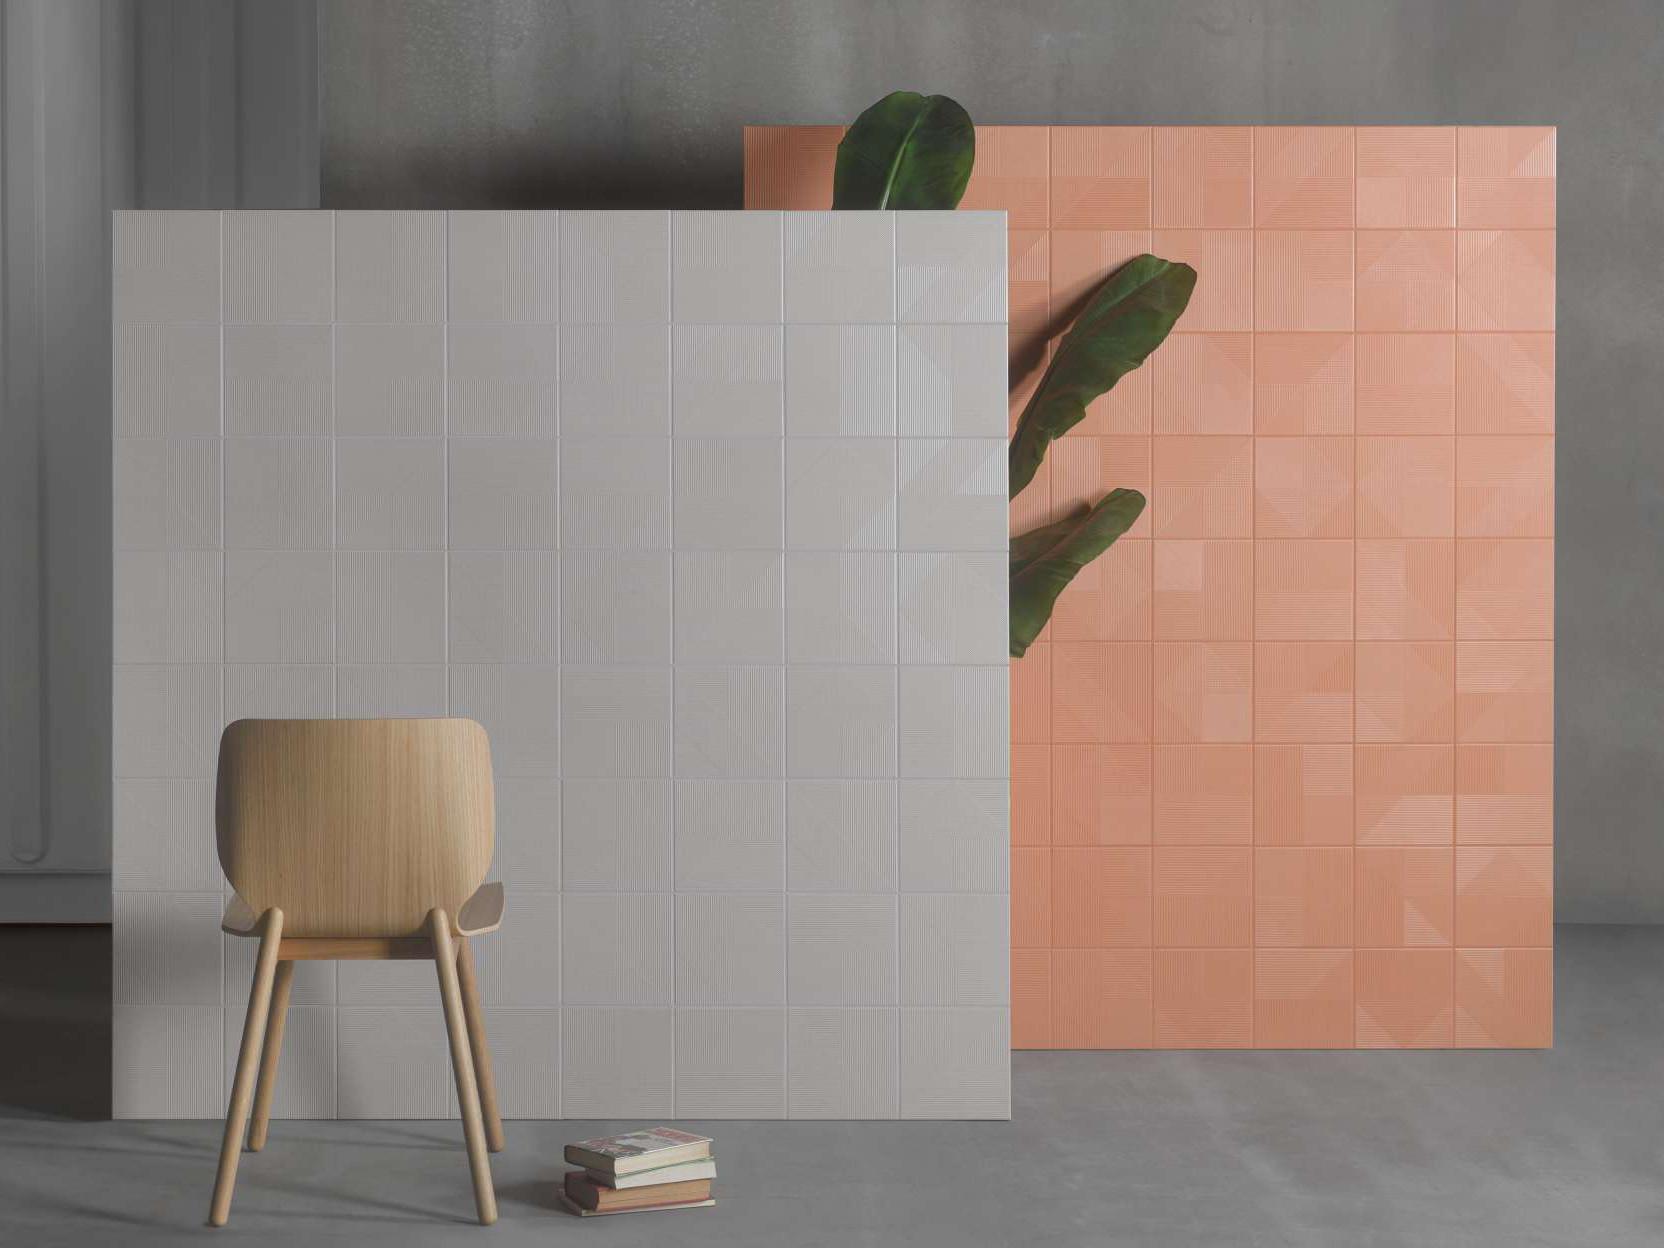 feinsteinzeug im stil klassischer zementfliesen fliesen und platten news produkte baunetz. Black Bedroom Furniture Sets. Home Design Ideas